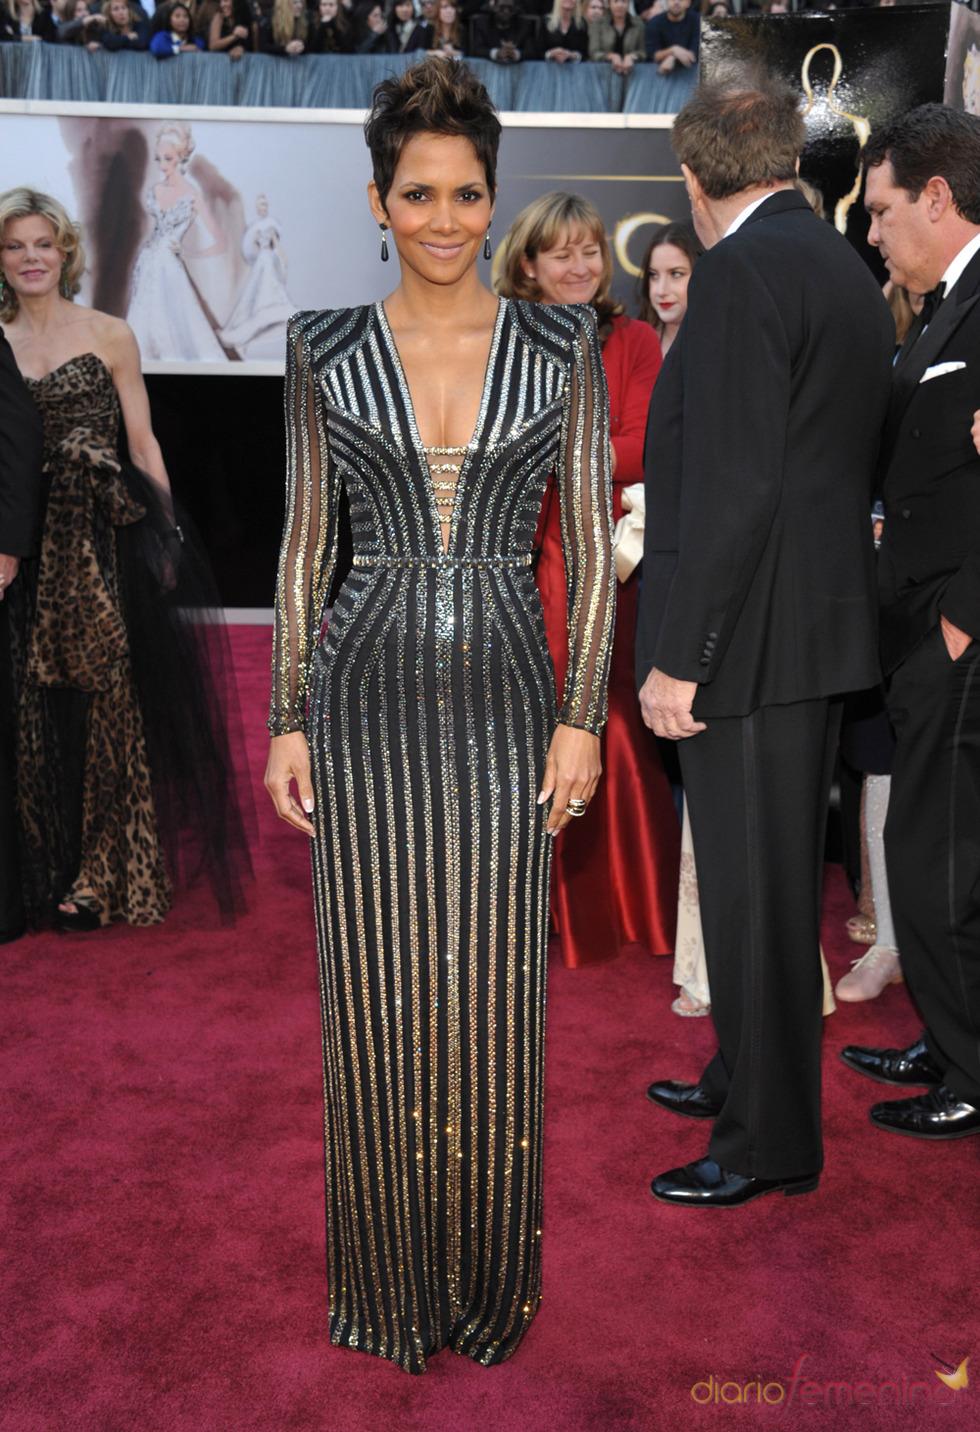 La actriz Halle Berry en la alfombra roja de los Oscars 2013